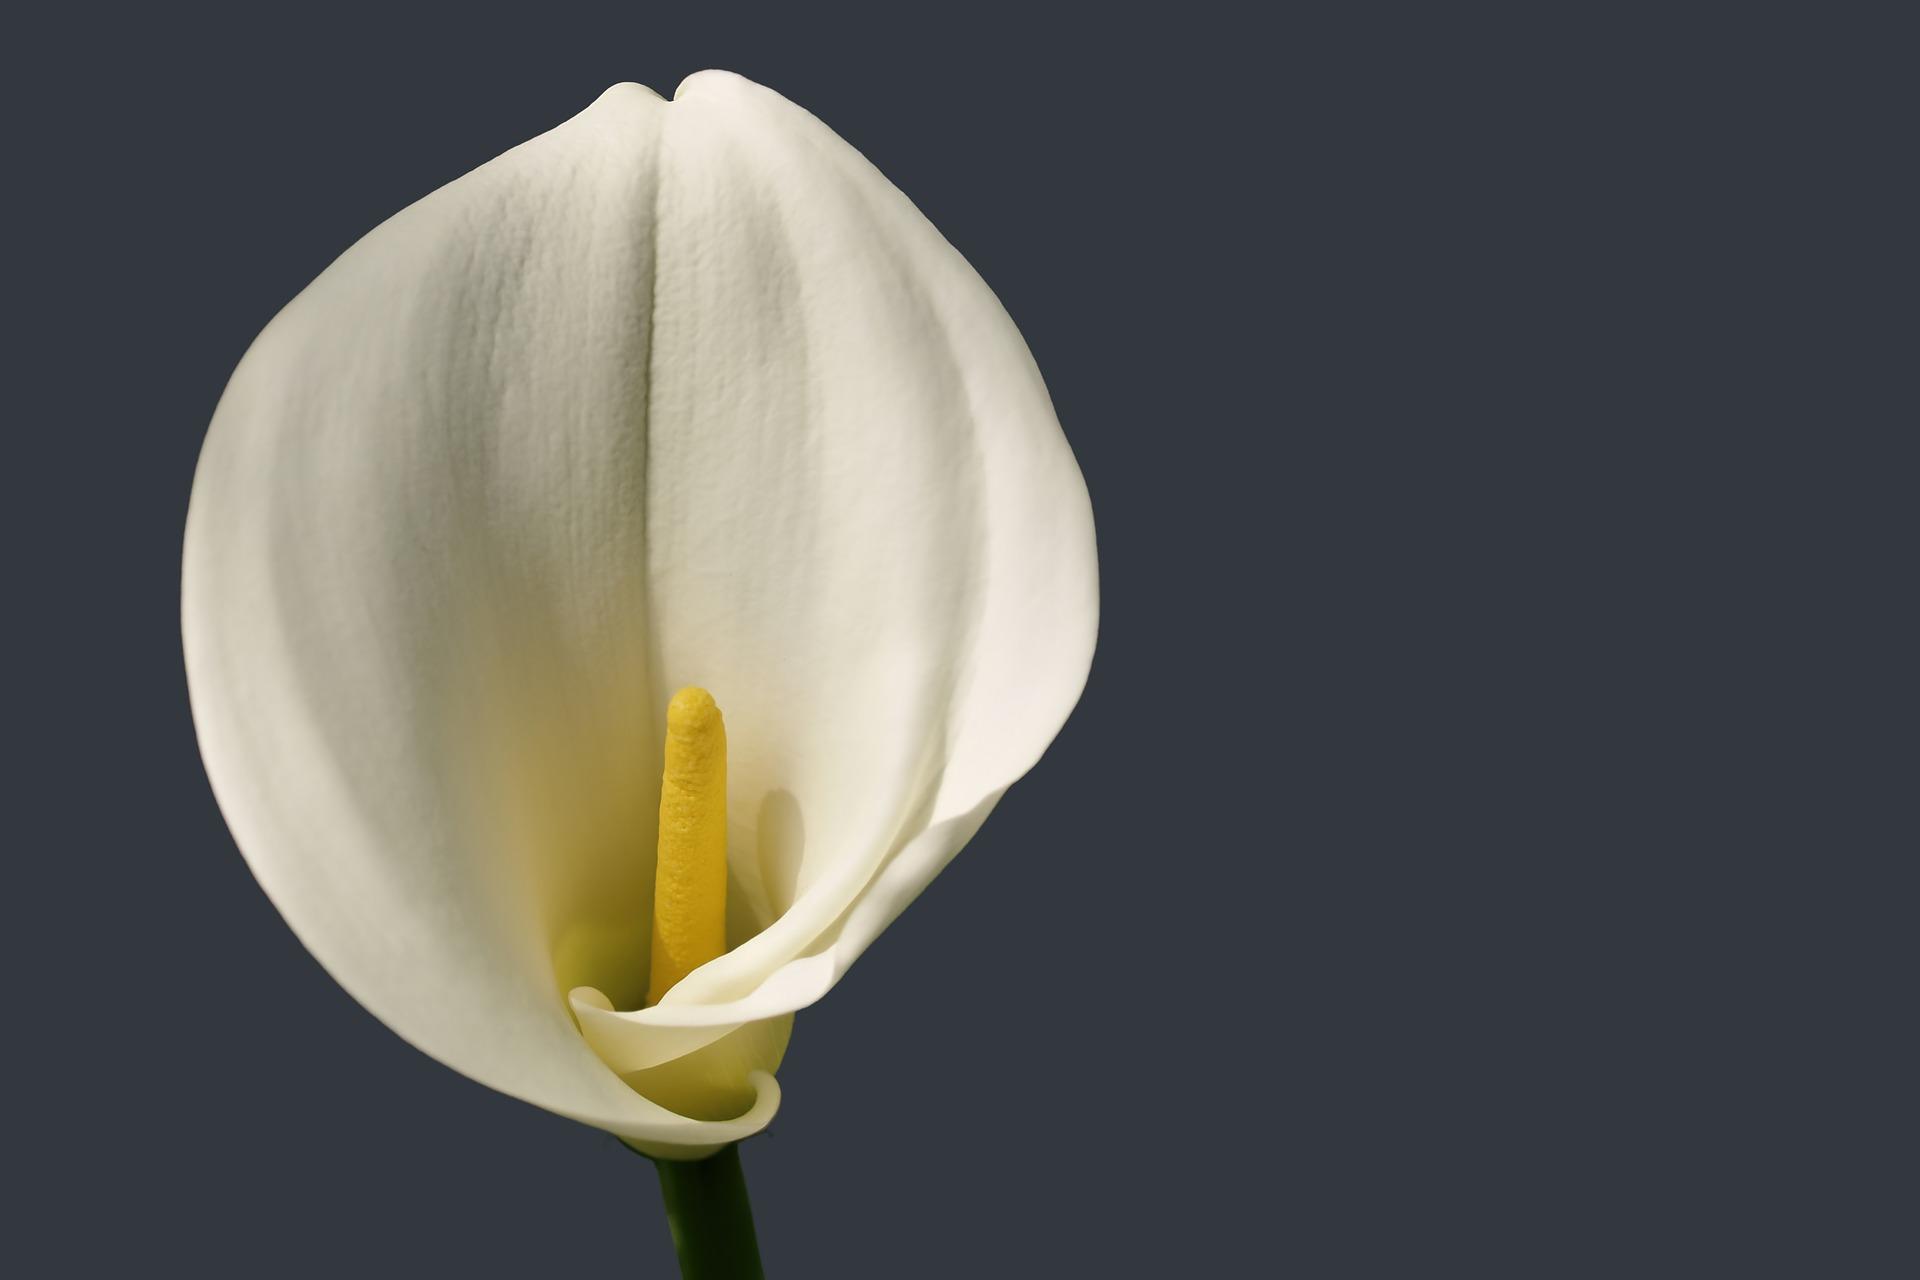 flower-1977344_1920